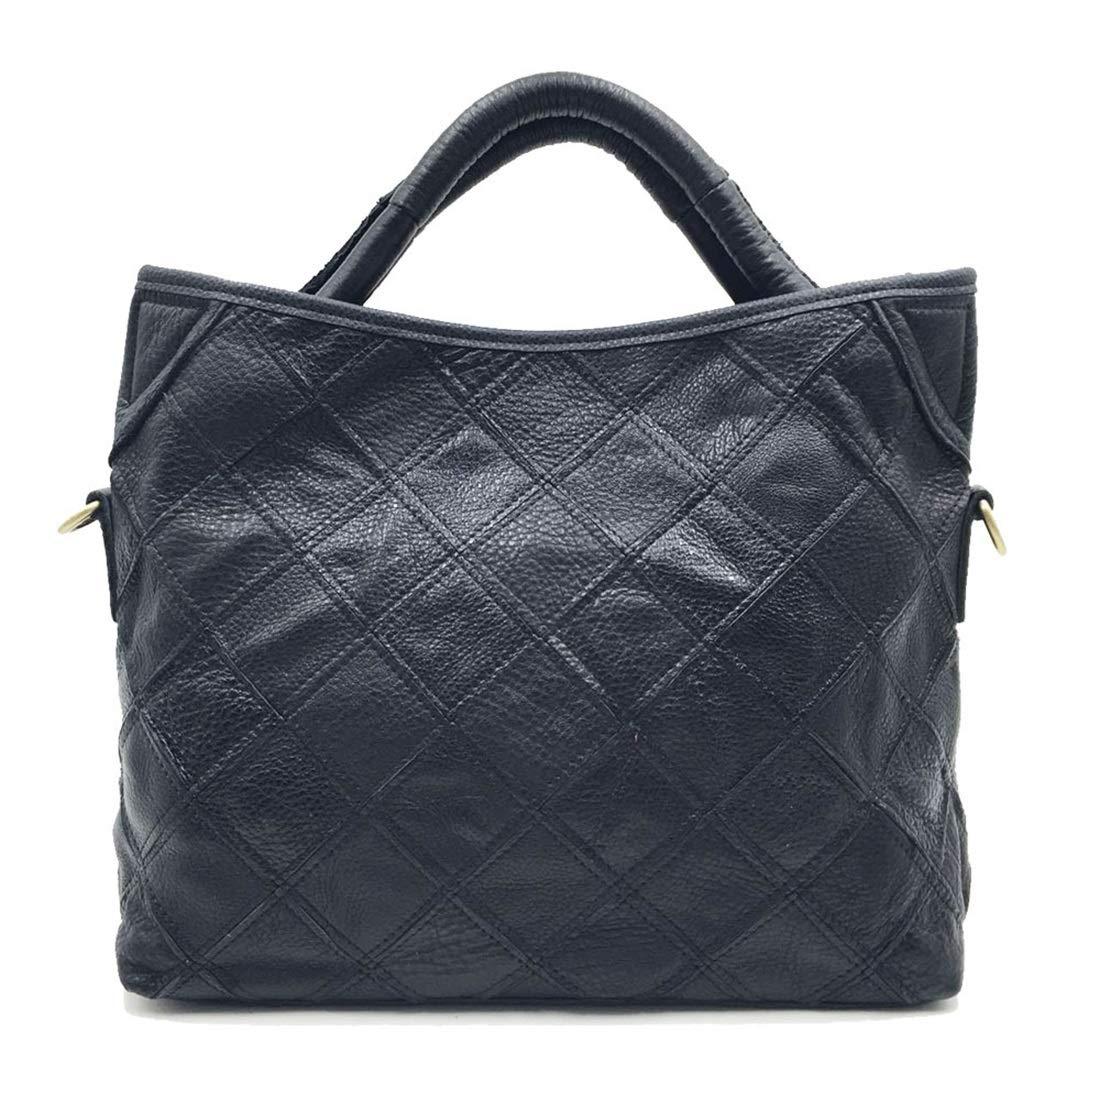 LilyAngel 本革 牛革 パッチワーク ハンドバッグ トットバッグ 斜め 旅行バック 鞄 カラーフリー レディース メンズ 収納 大容量 (Color : ブラック) B07KRRF8P3 ブラック